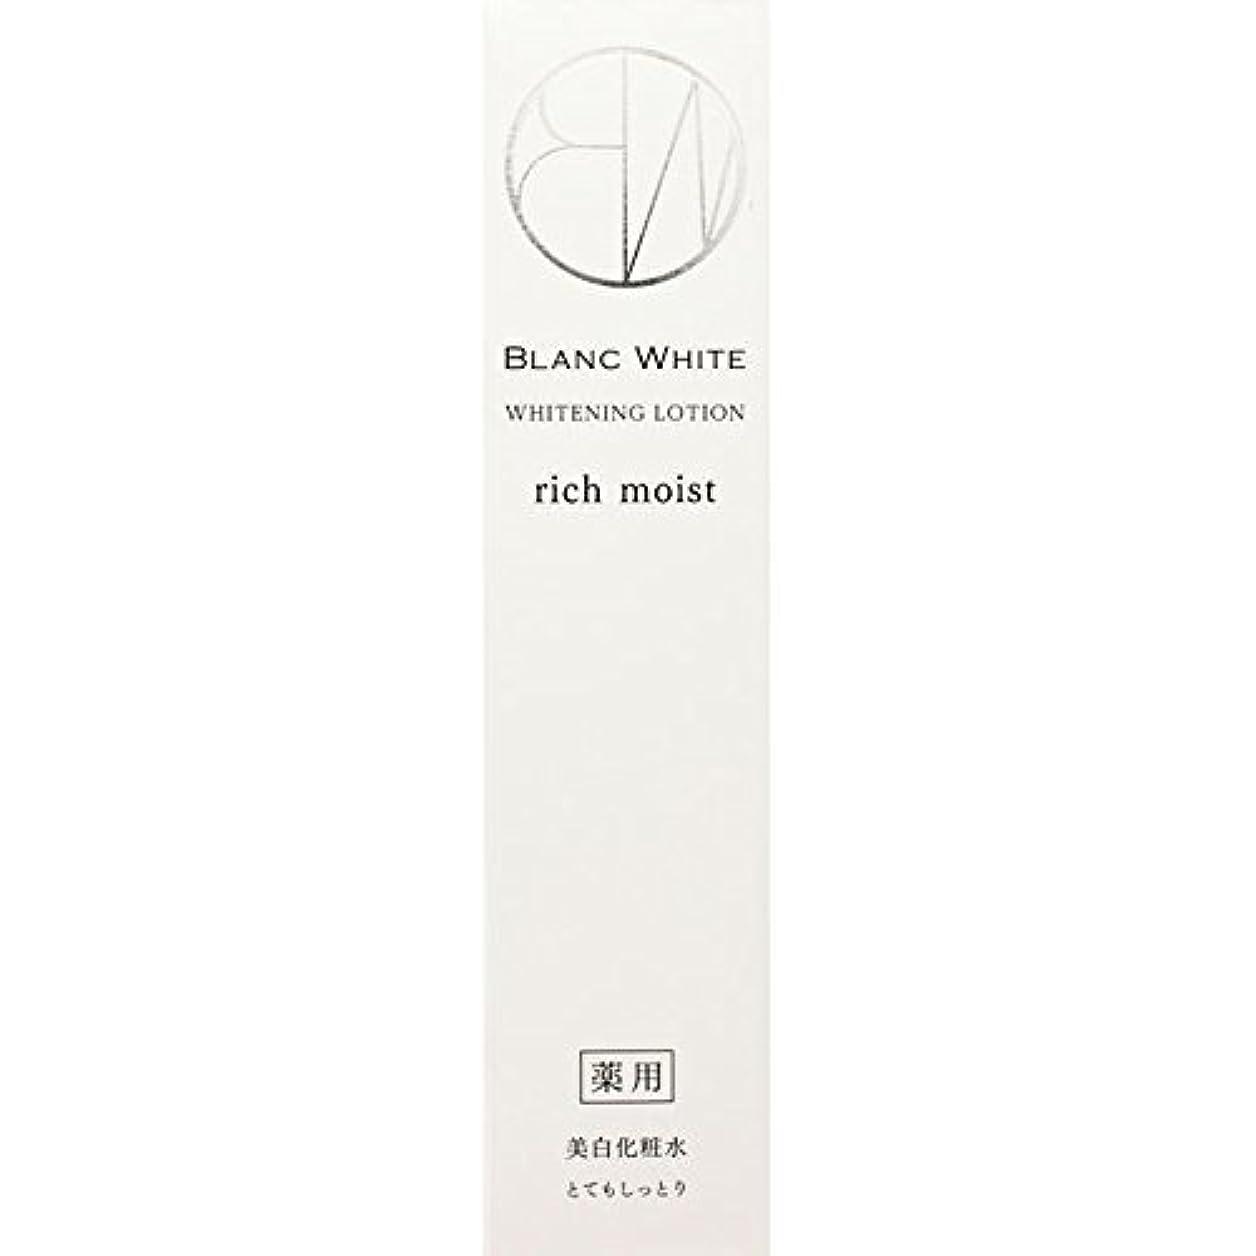 バブル四面体冷淡なナリス化粧品 ブランホワイト ホワイトニングローション リッチモイスト 160ml (医薬部外品)